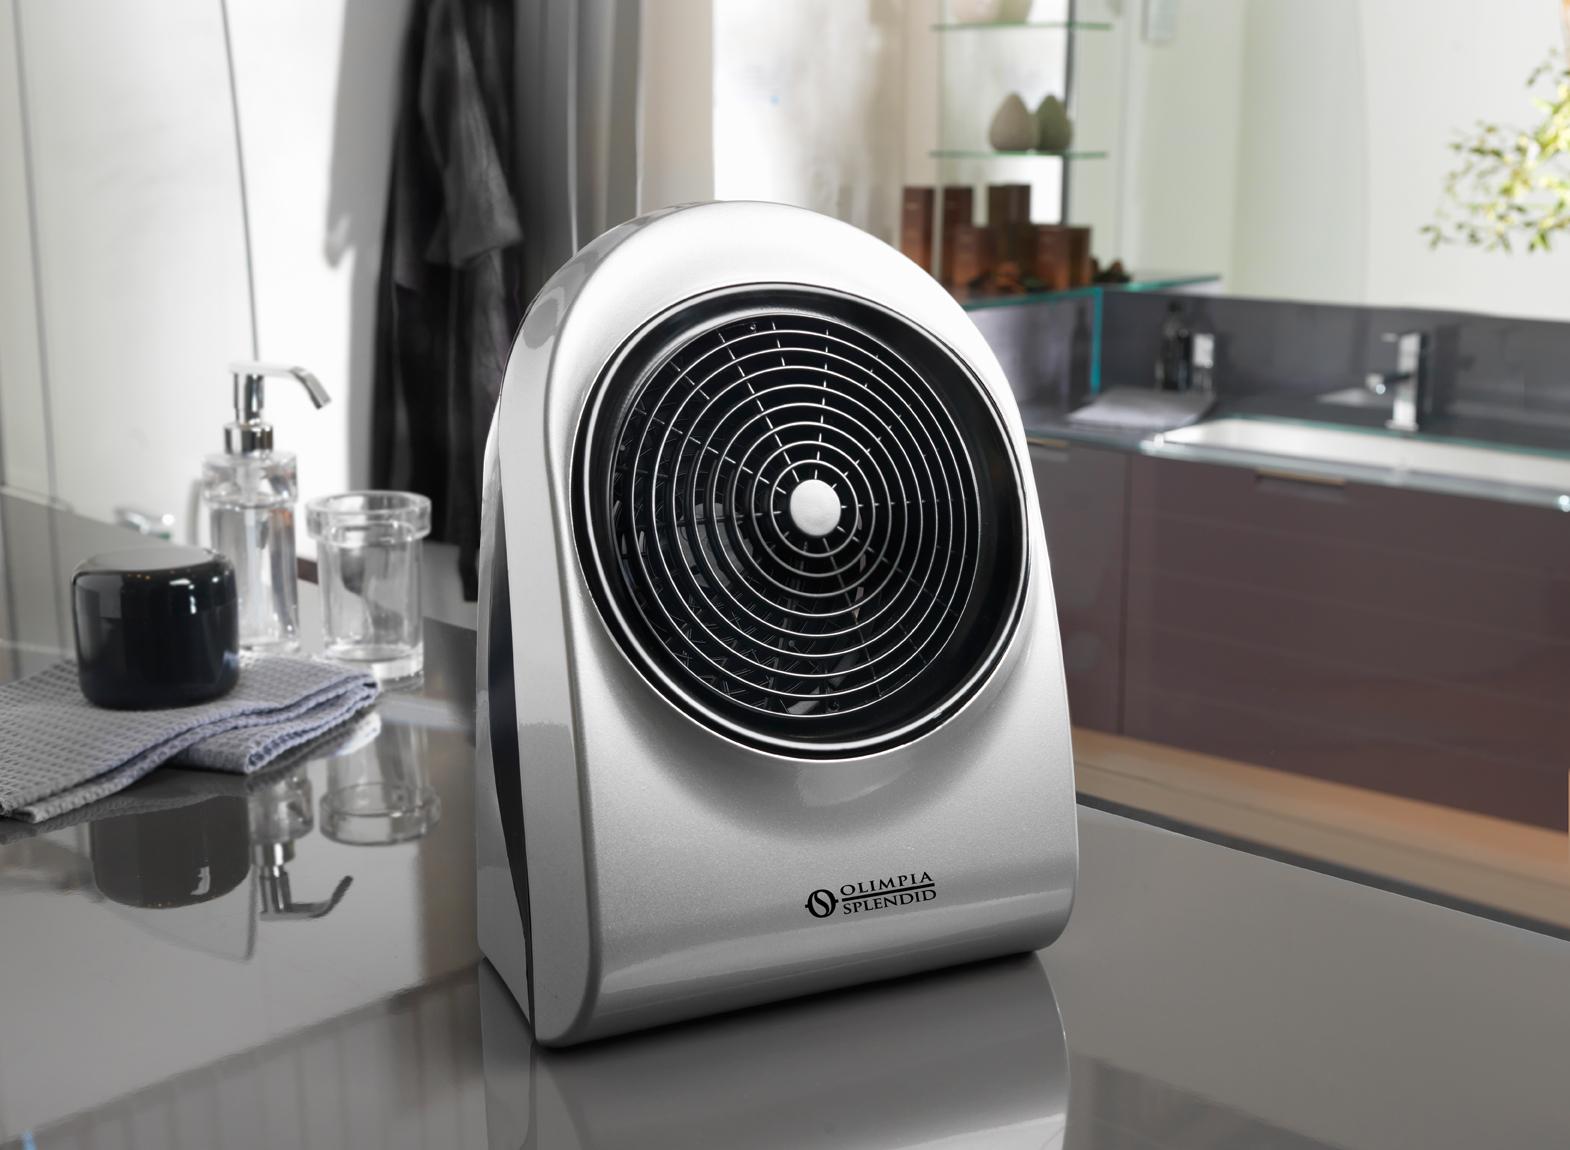 Migliori termoventilatori da bagno: guida all'acquisto dei caldobagno